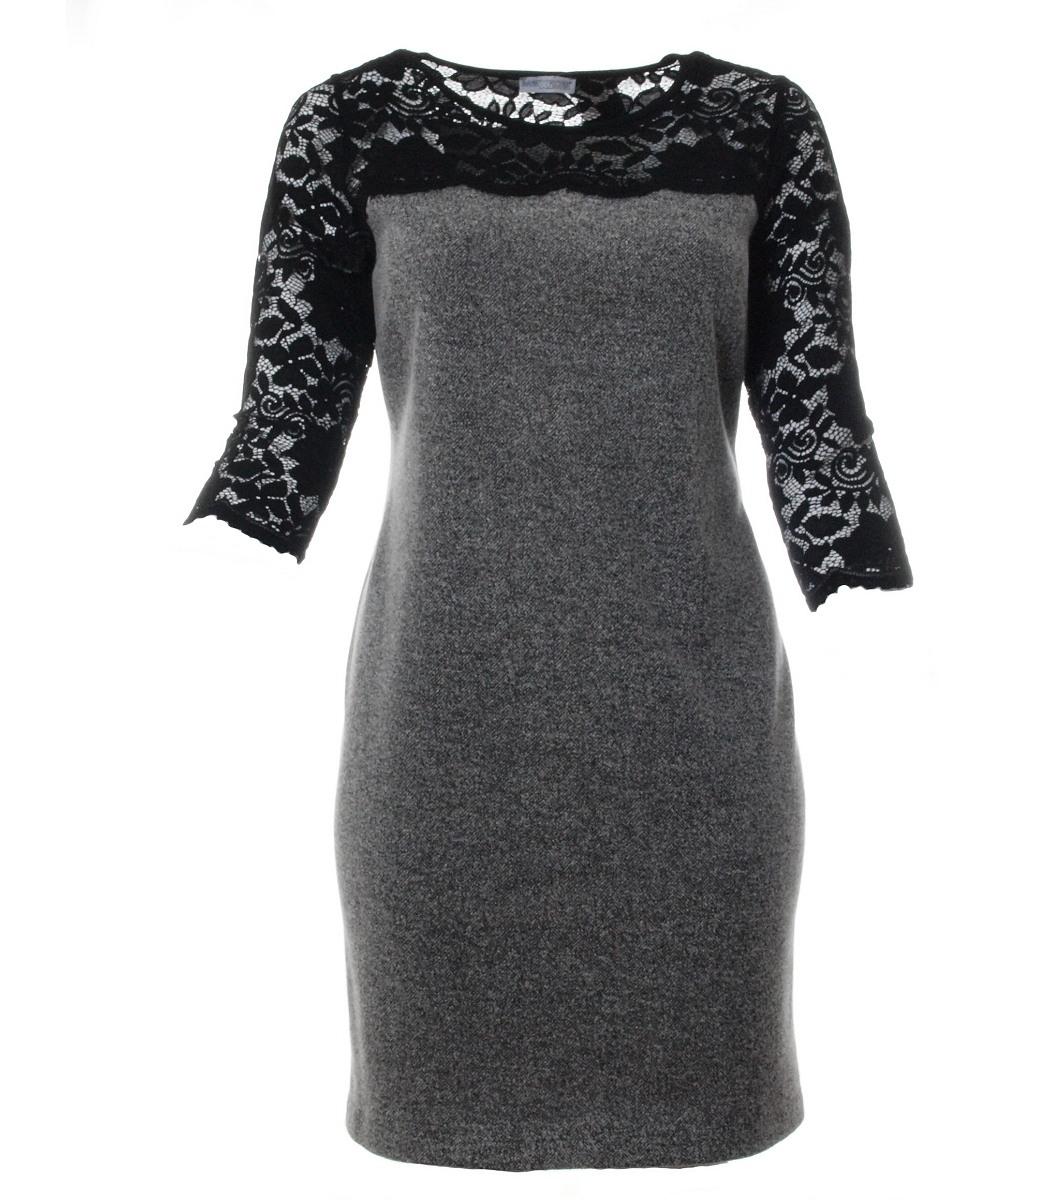 Designer Großartig Graues Kleid Mit Spitze Stylish17 Leicht Graues Kleid Mit Spitze Boutique